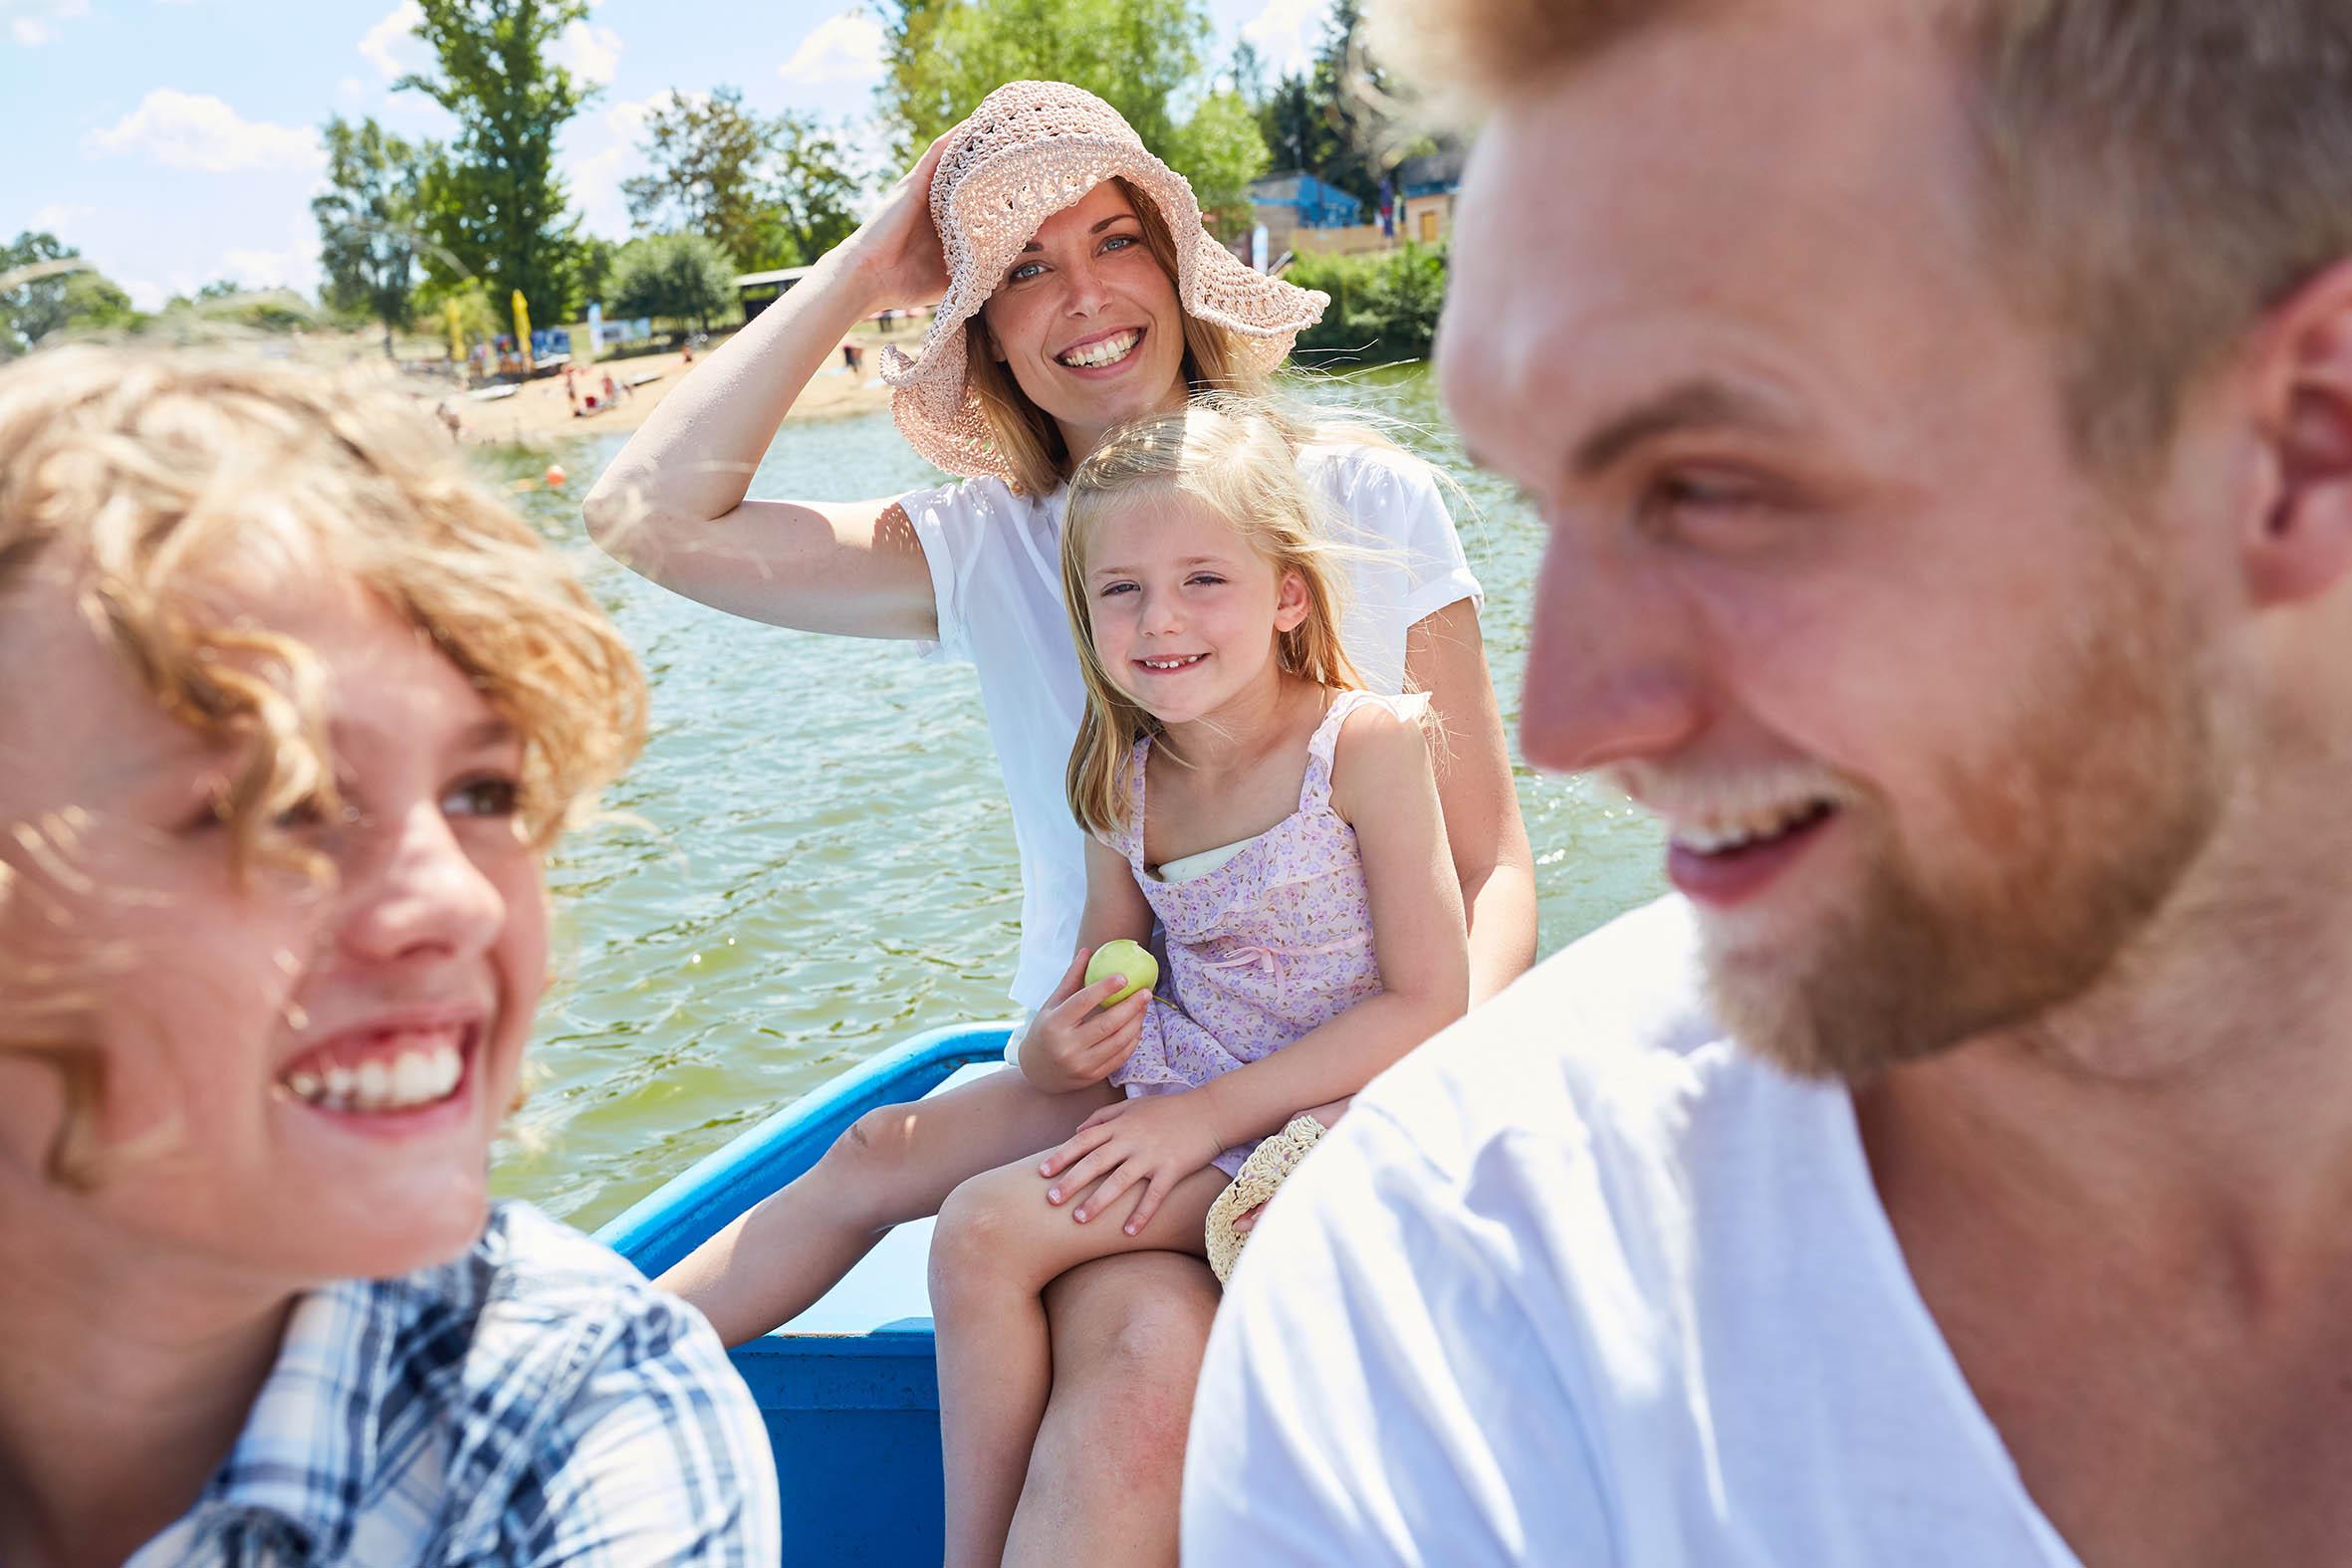 Familie mit Ruderboot auf See im Sommer auf dem Arendsee